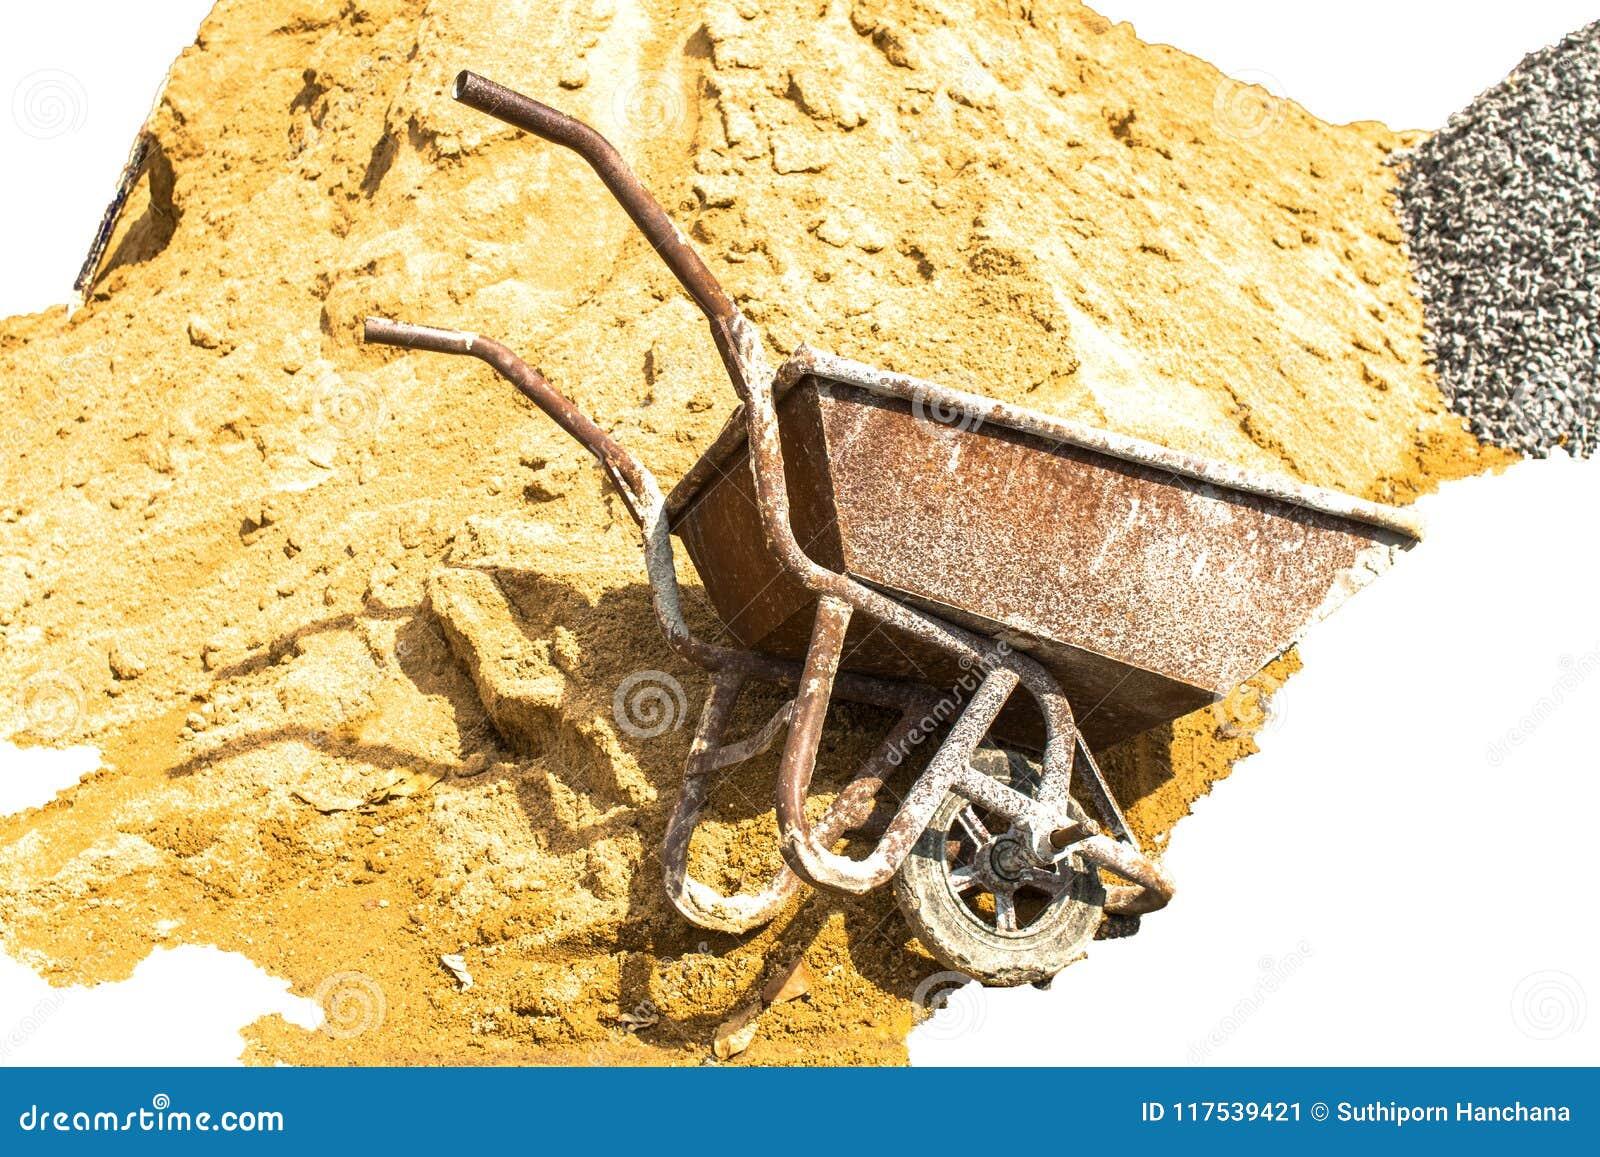 Αμμοχάλικο, άμμος, κάρρο, πέτρα και φτυάρι στη δημιουργική σύσταση